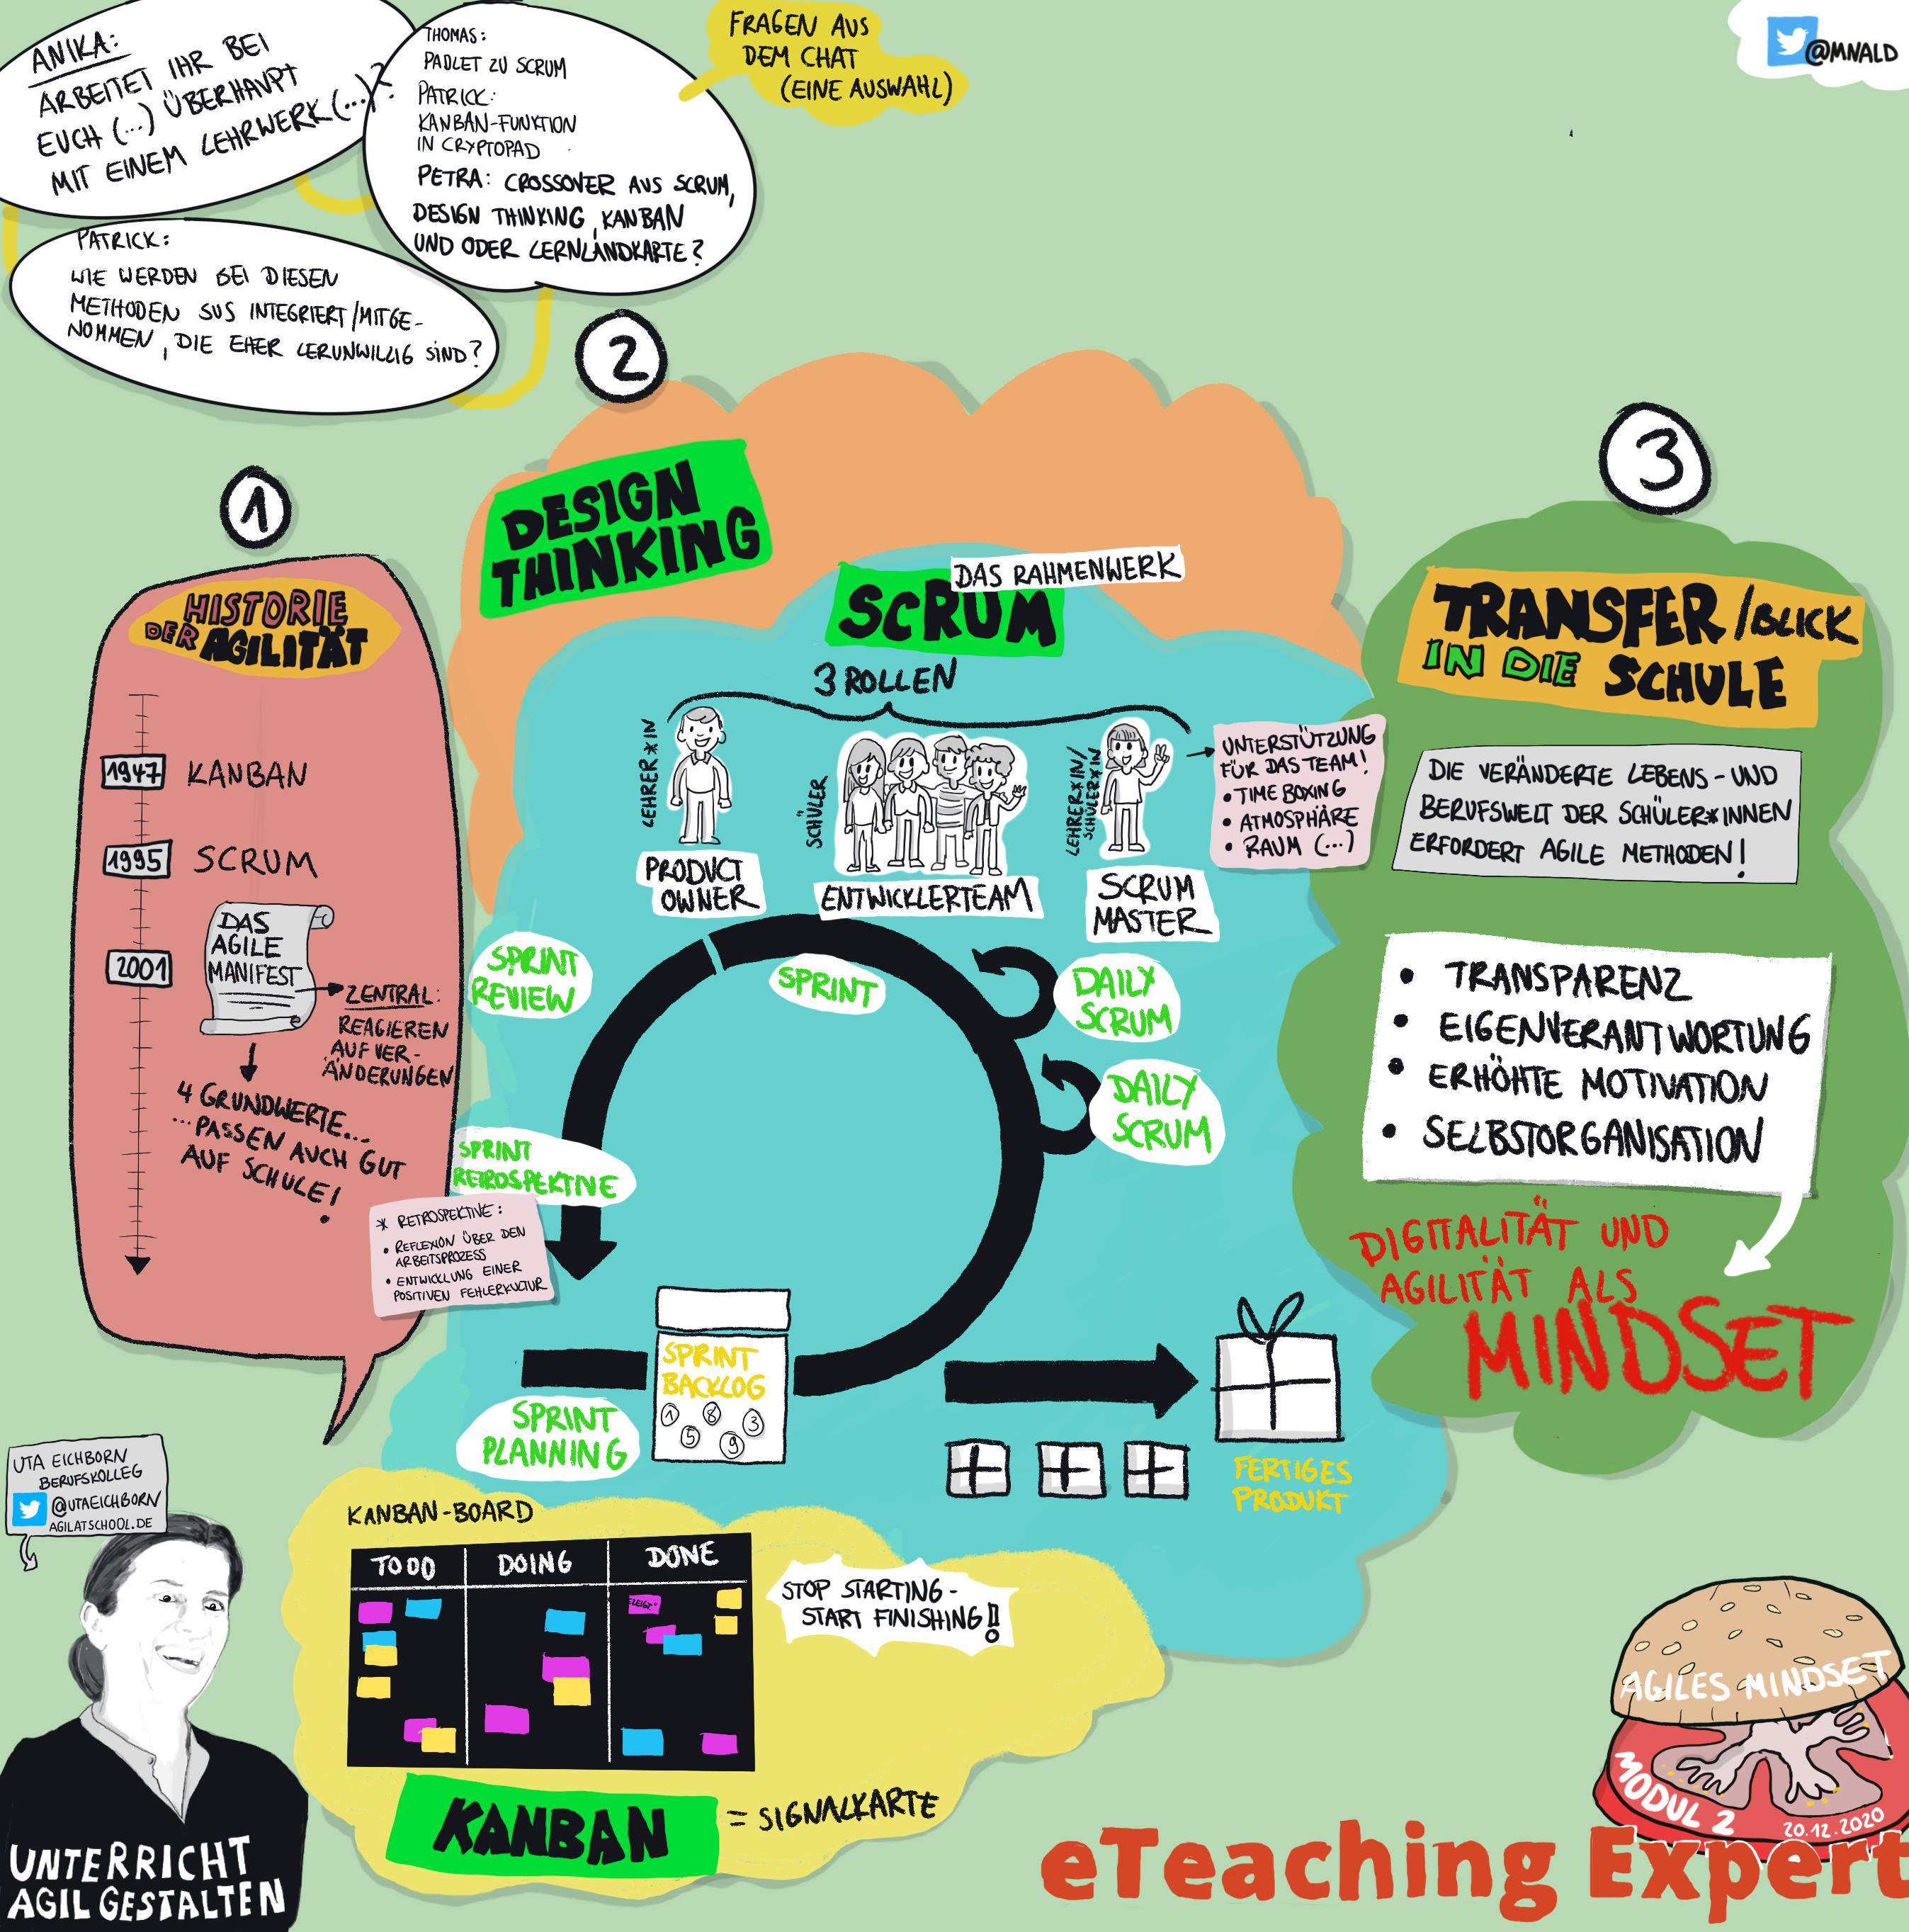 """Visualisierung von Donald Hemker zur Online-Fortbildung der 2. Sitzung """"Unterricht agil gestalten"""" der Fortbildung eTeaching Expert"""